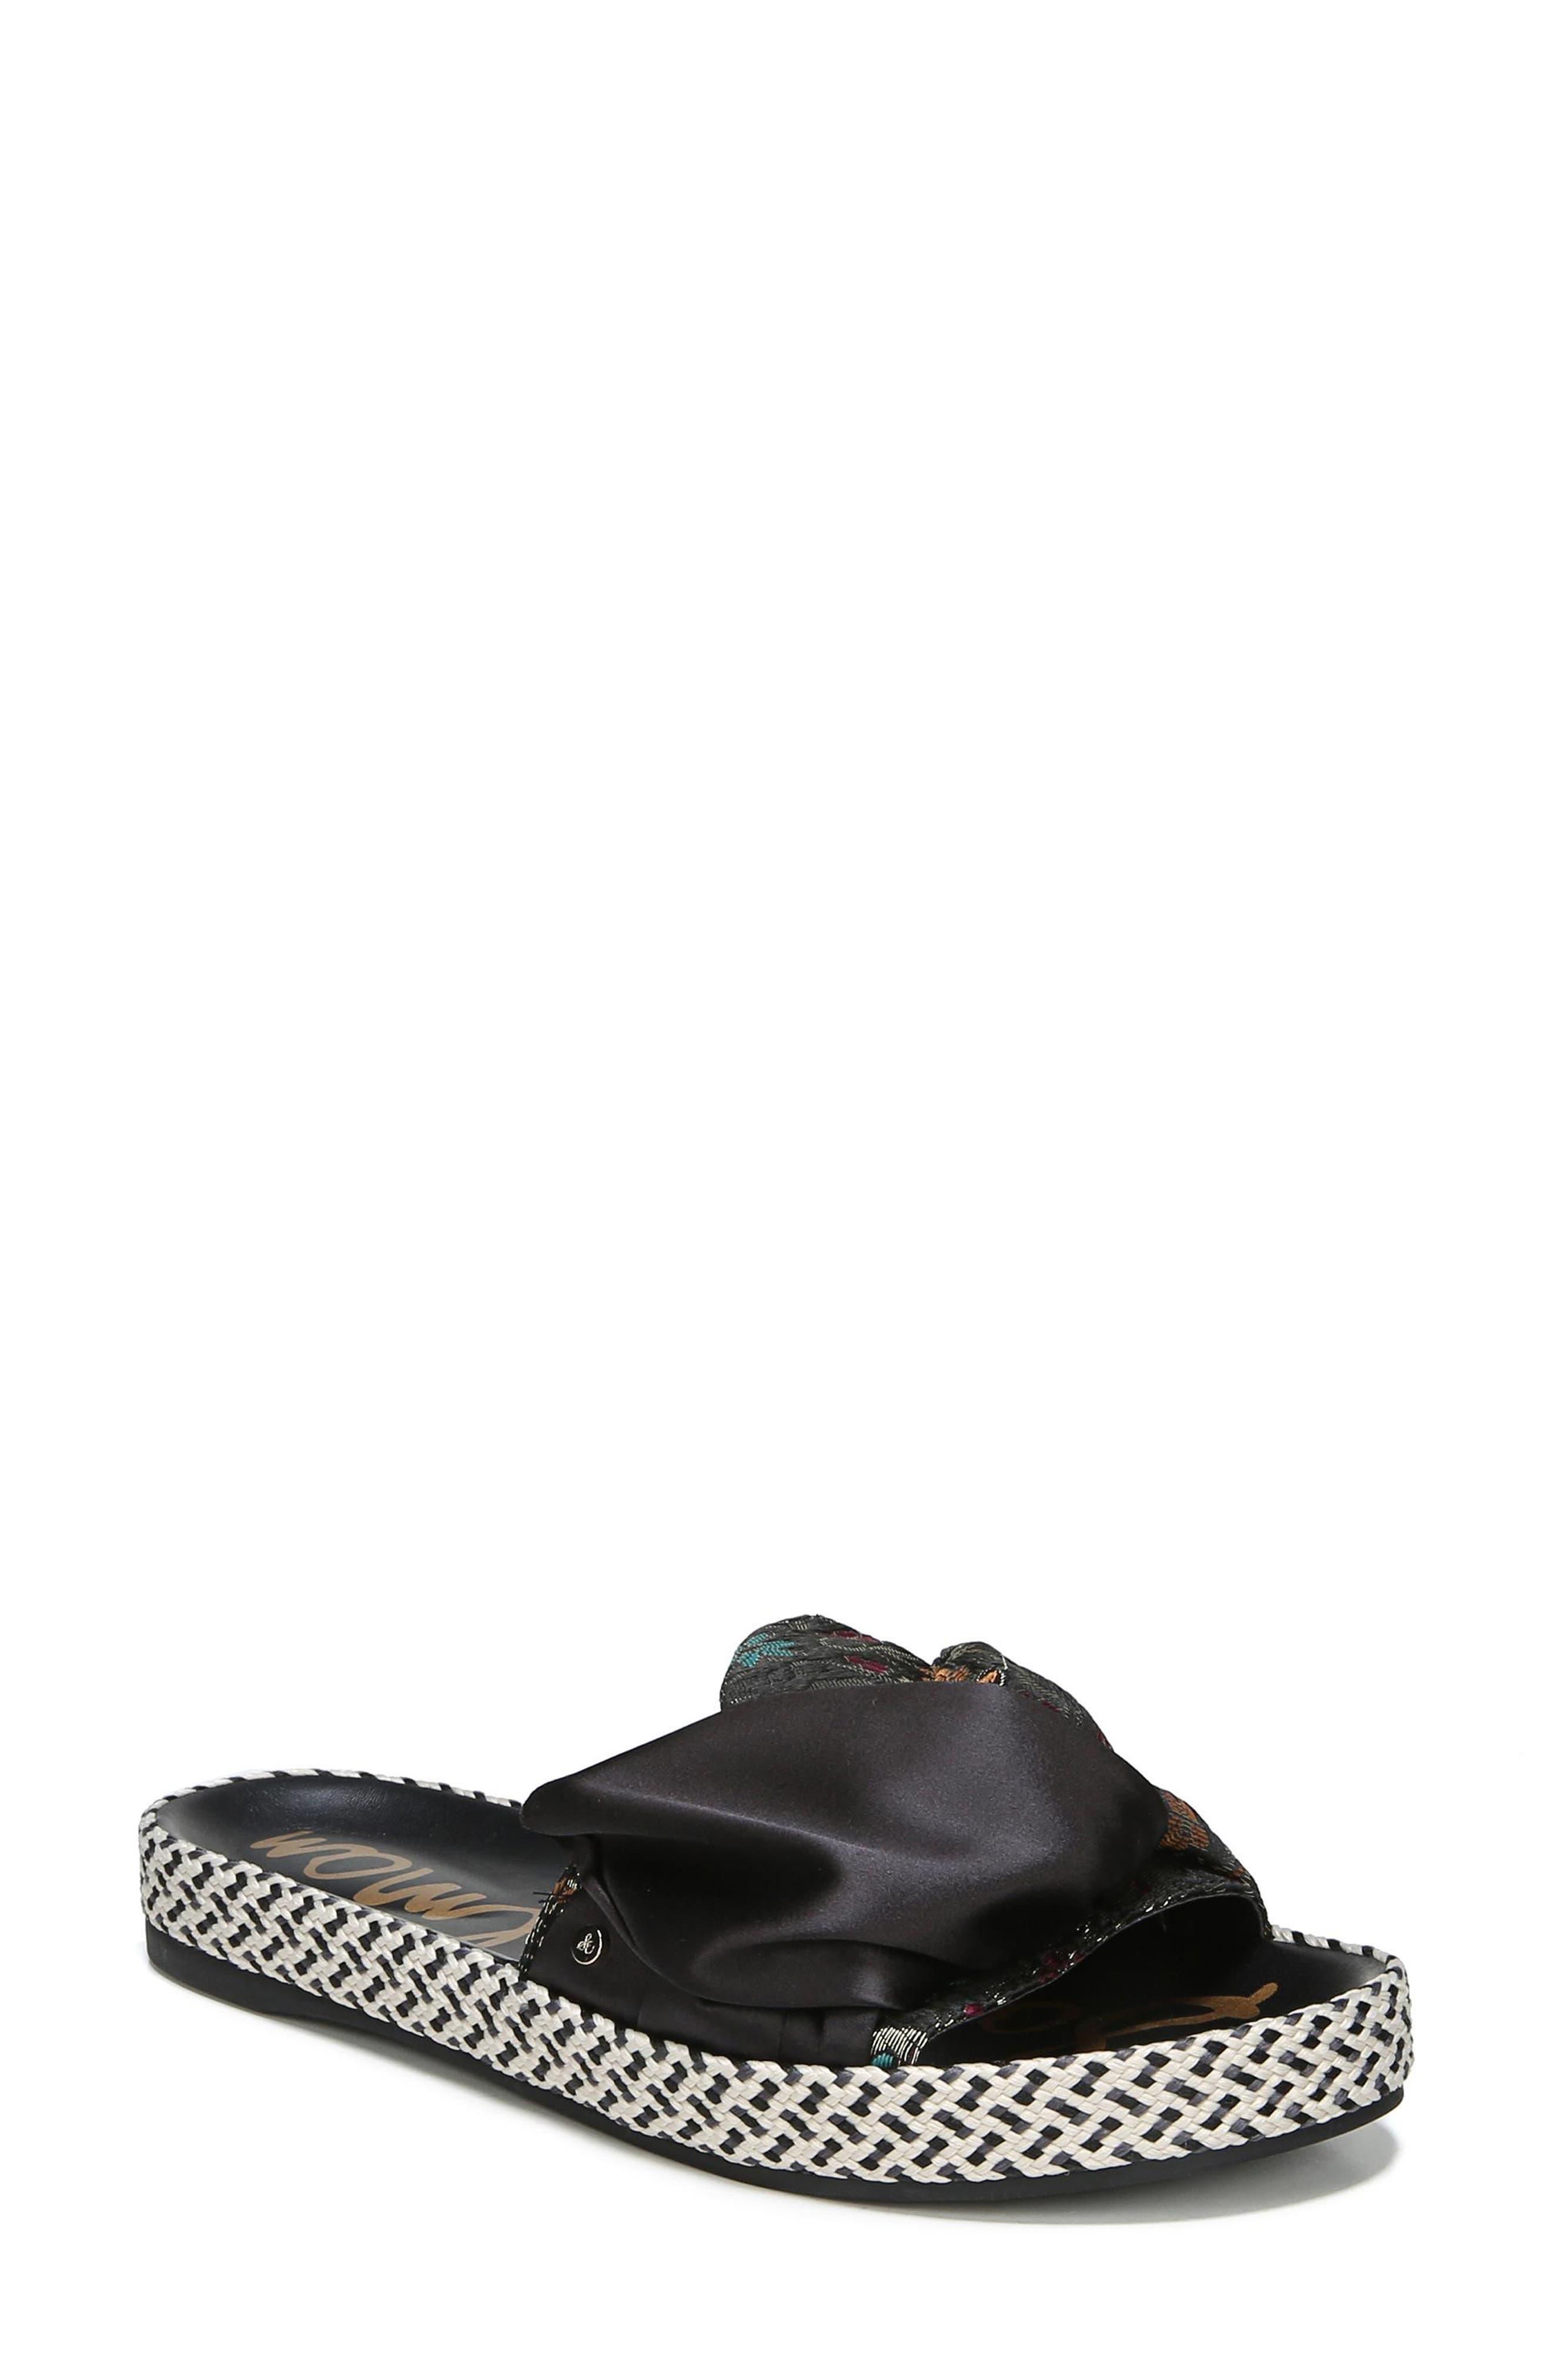 Bodie Slide Sandal,                         Main,                         color, Black Floral Brocade